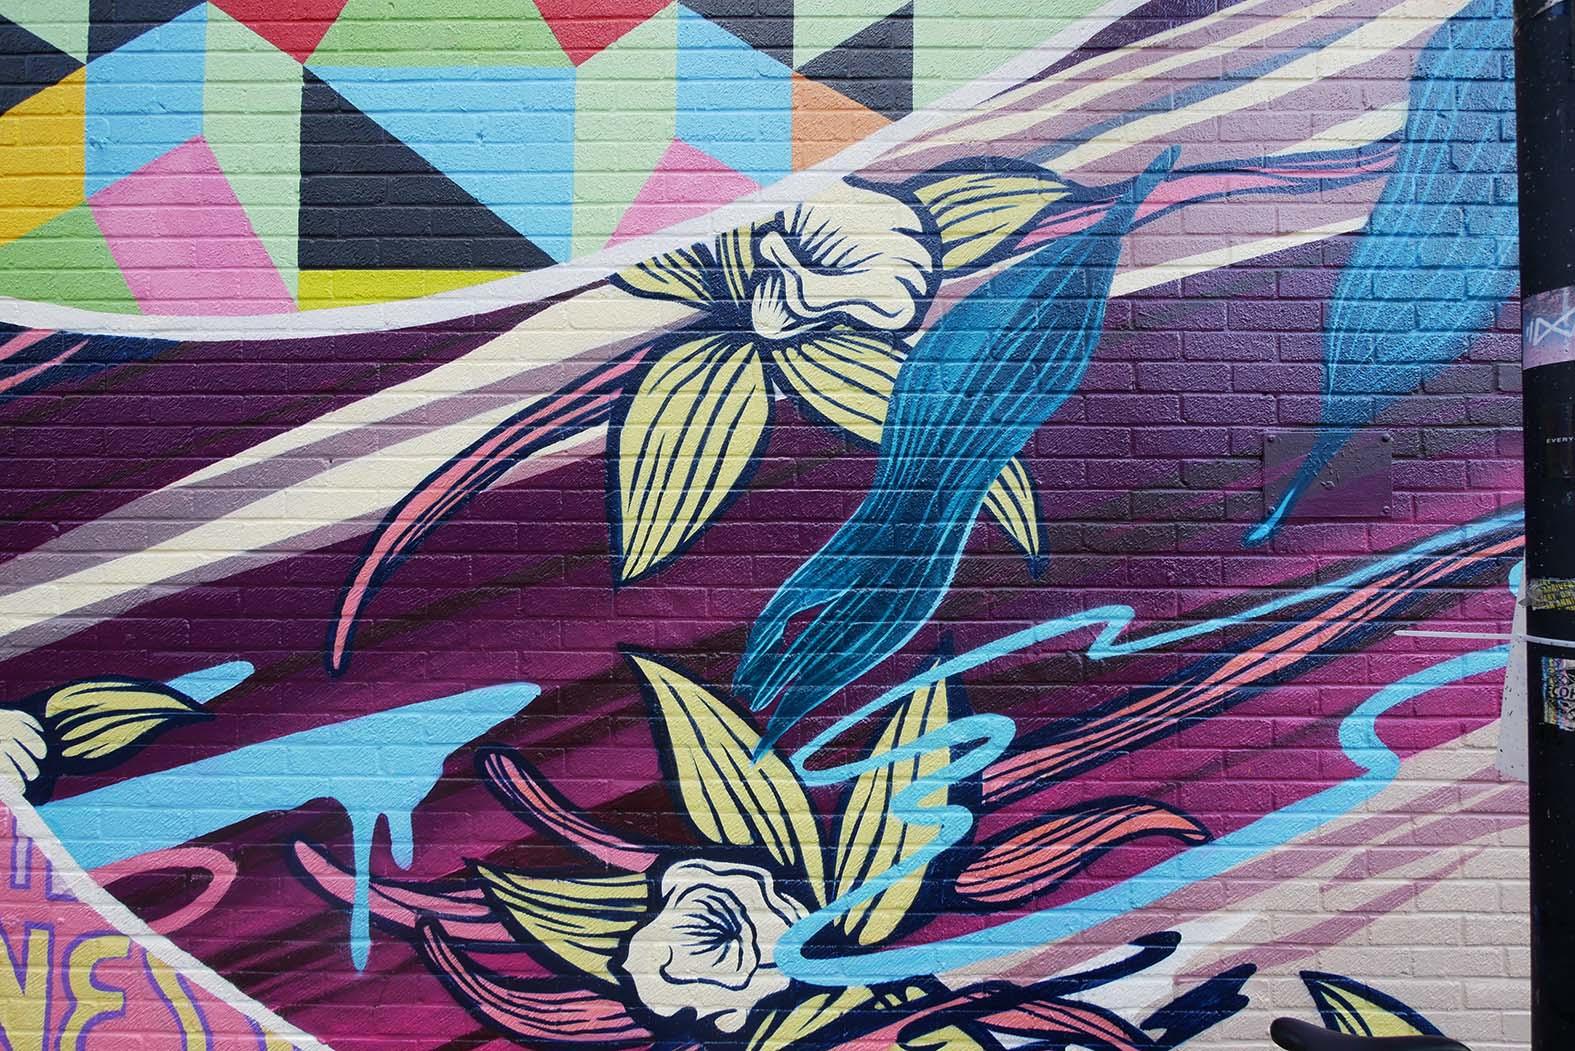 Nerone-Danone-street-art-2